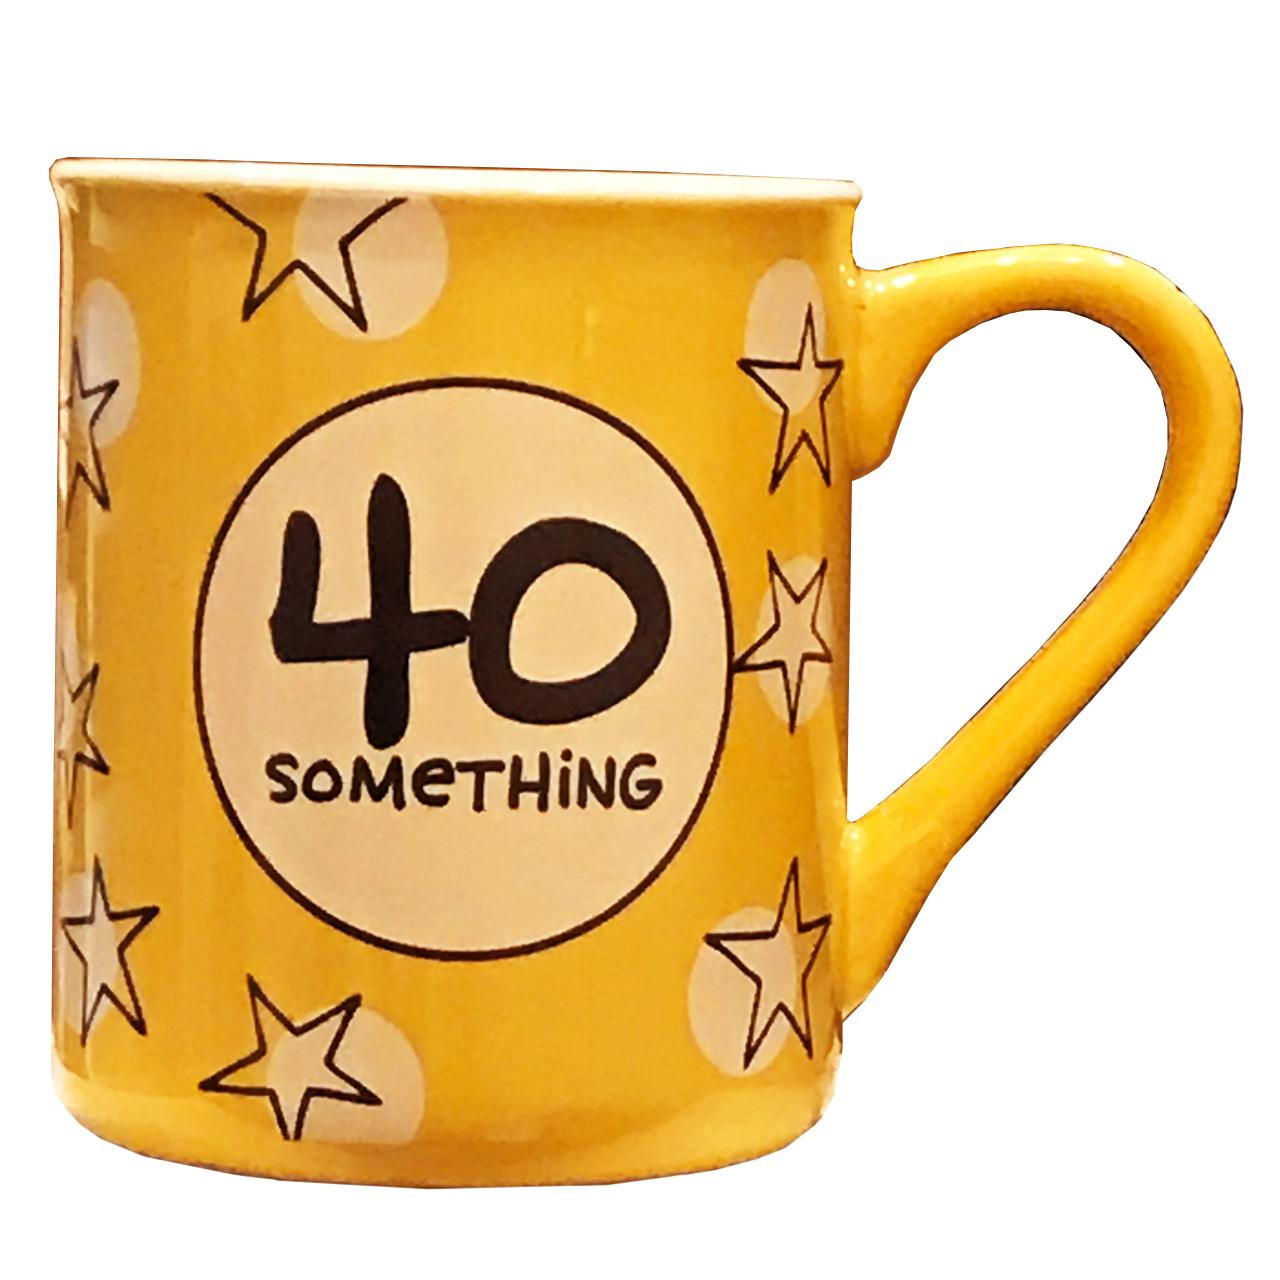 ماگ حرارتی آور نیم ایز ماد مدل 40Something